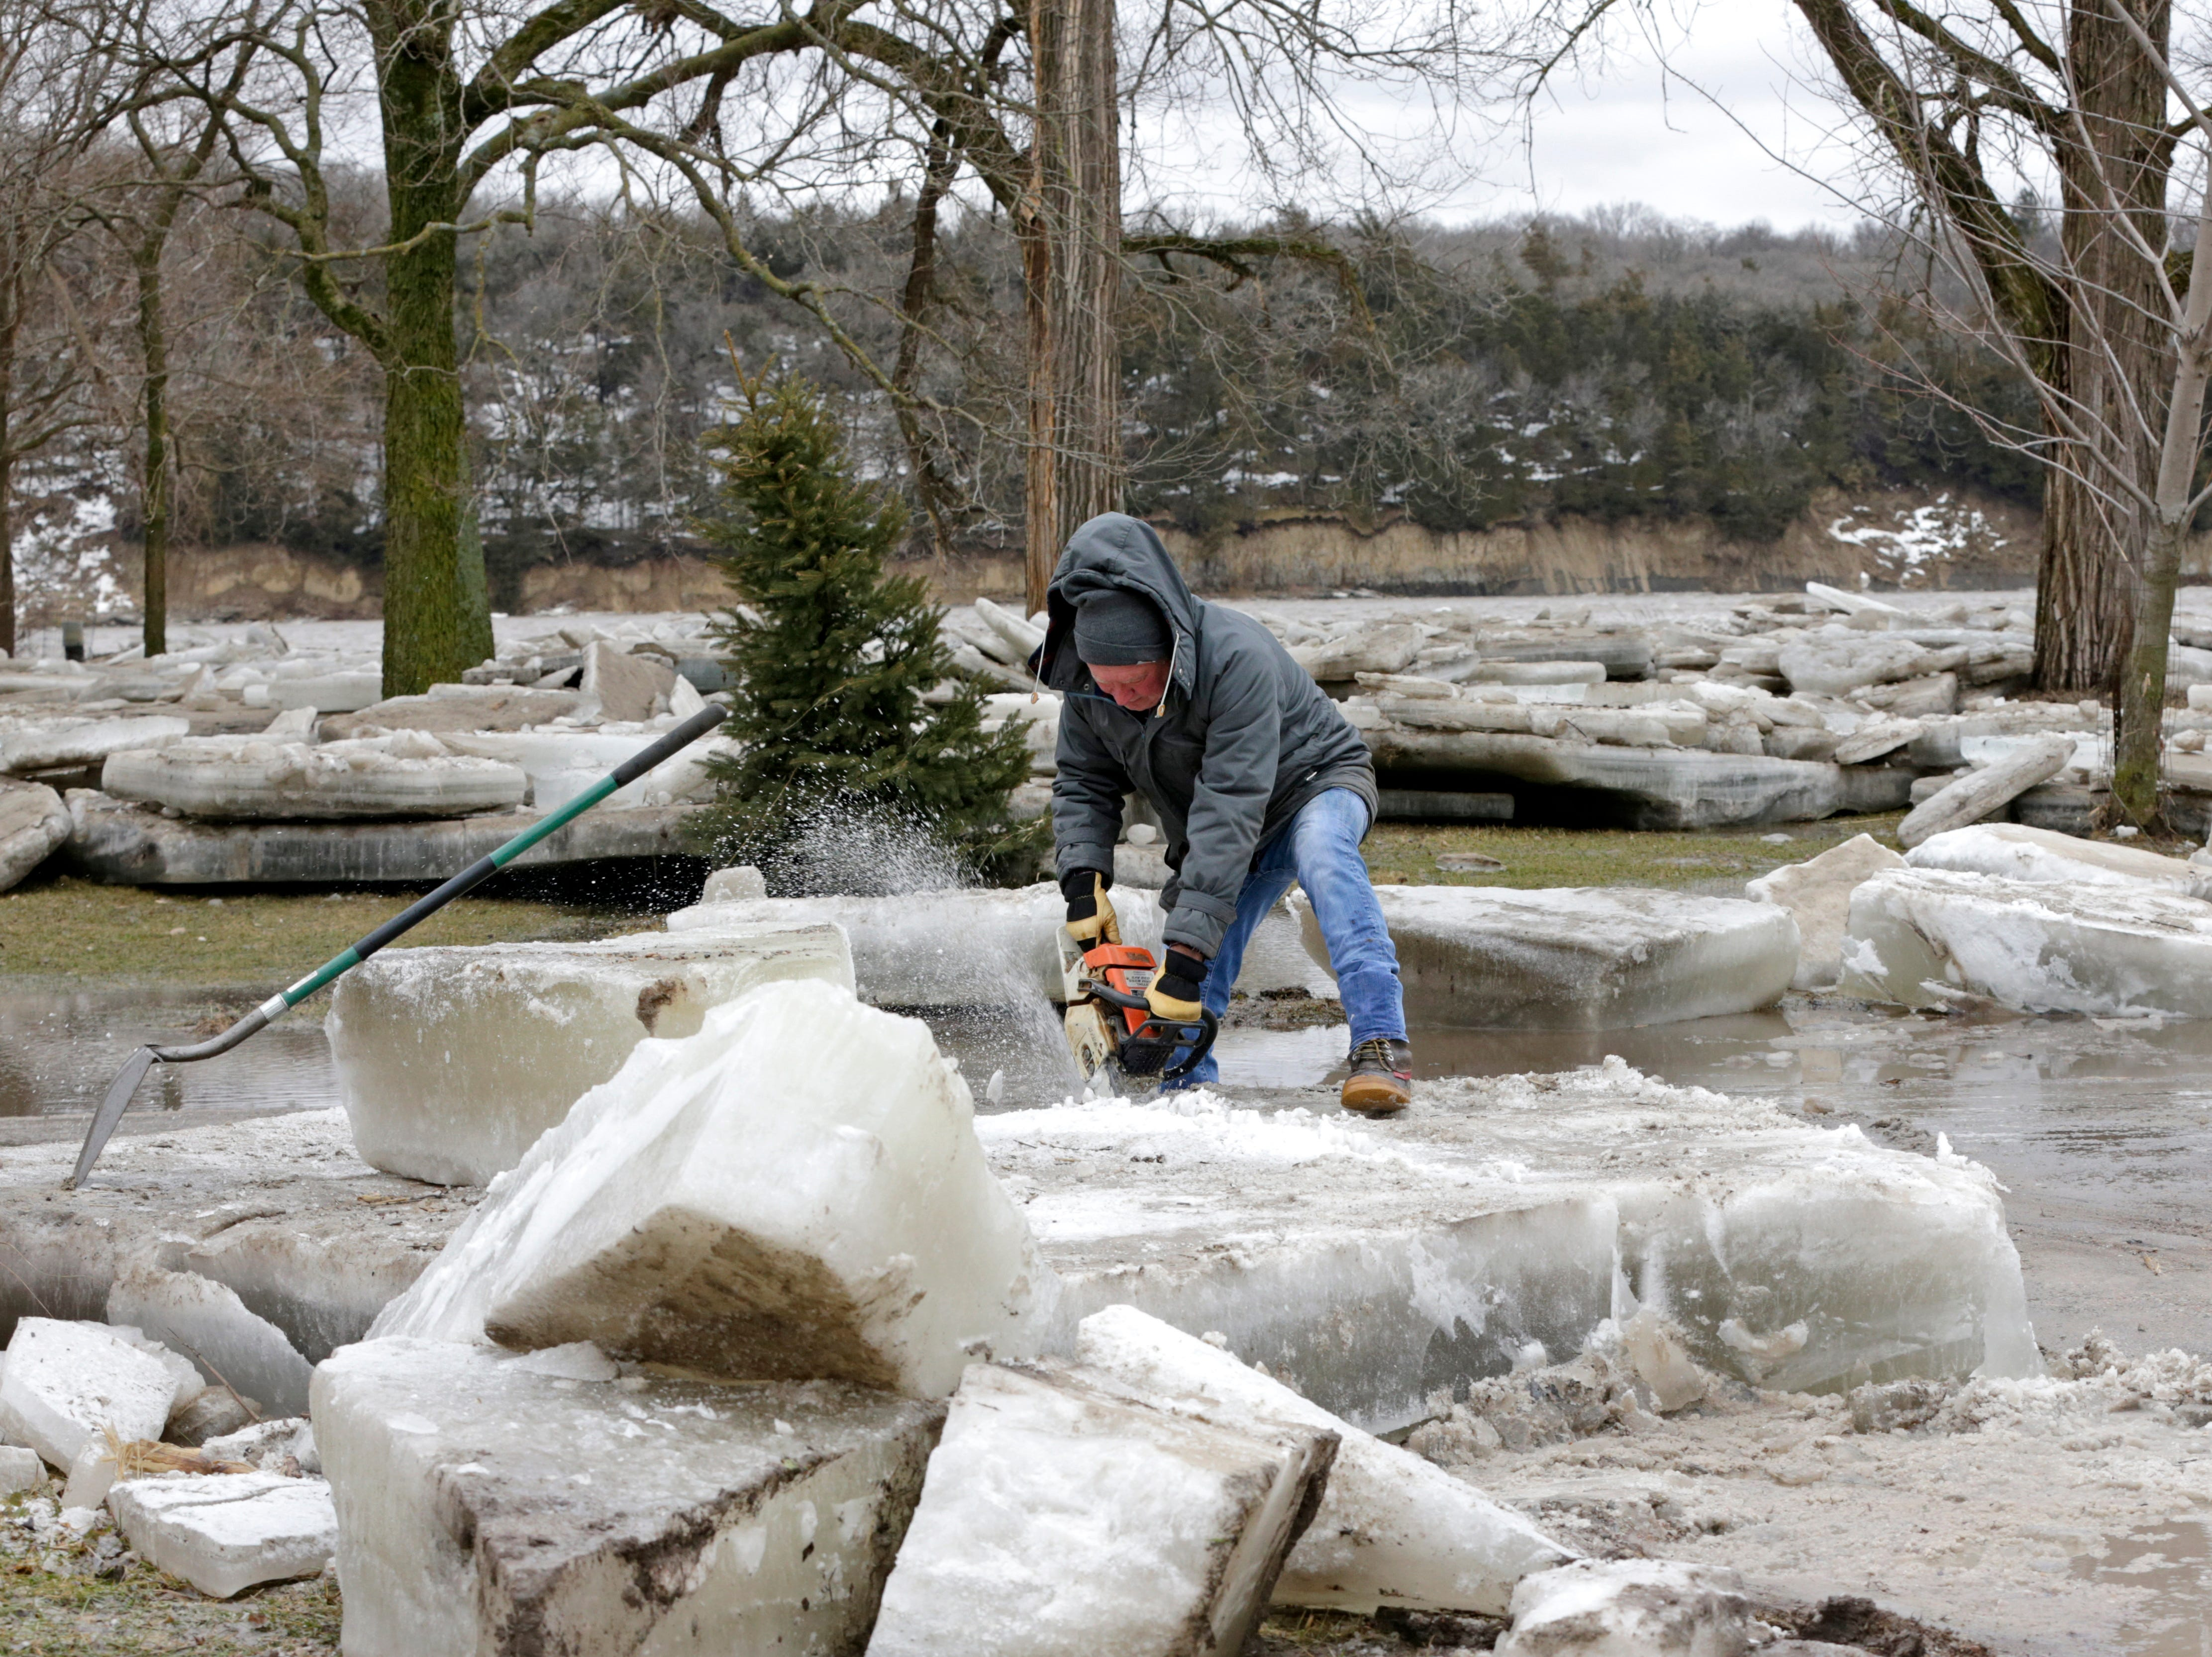 Jim Freeman intenta ver a través de gruesos bloques de hielo en su propiedad en Fremont, Nebraska, el jueves 14 de marzo de 2019, después de que el río Platte cubierto de hielo inundara sus orillas. Se han producido evacuaciones forzadas por inundaciones en varias comunidades del este de Nebraska.